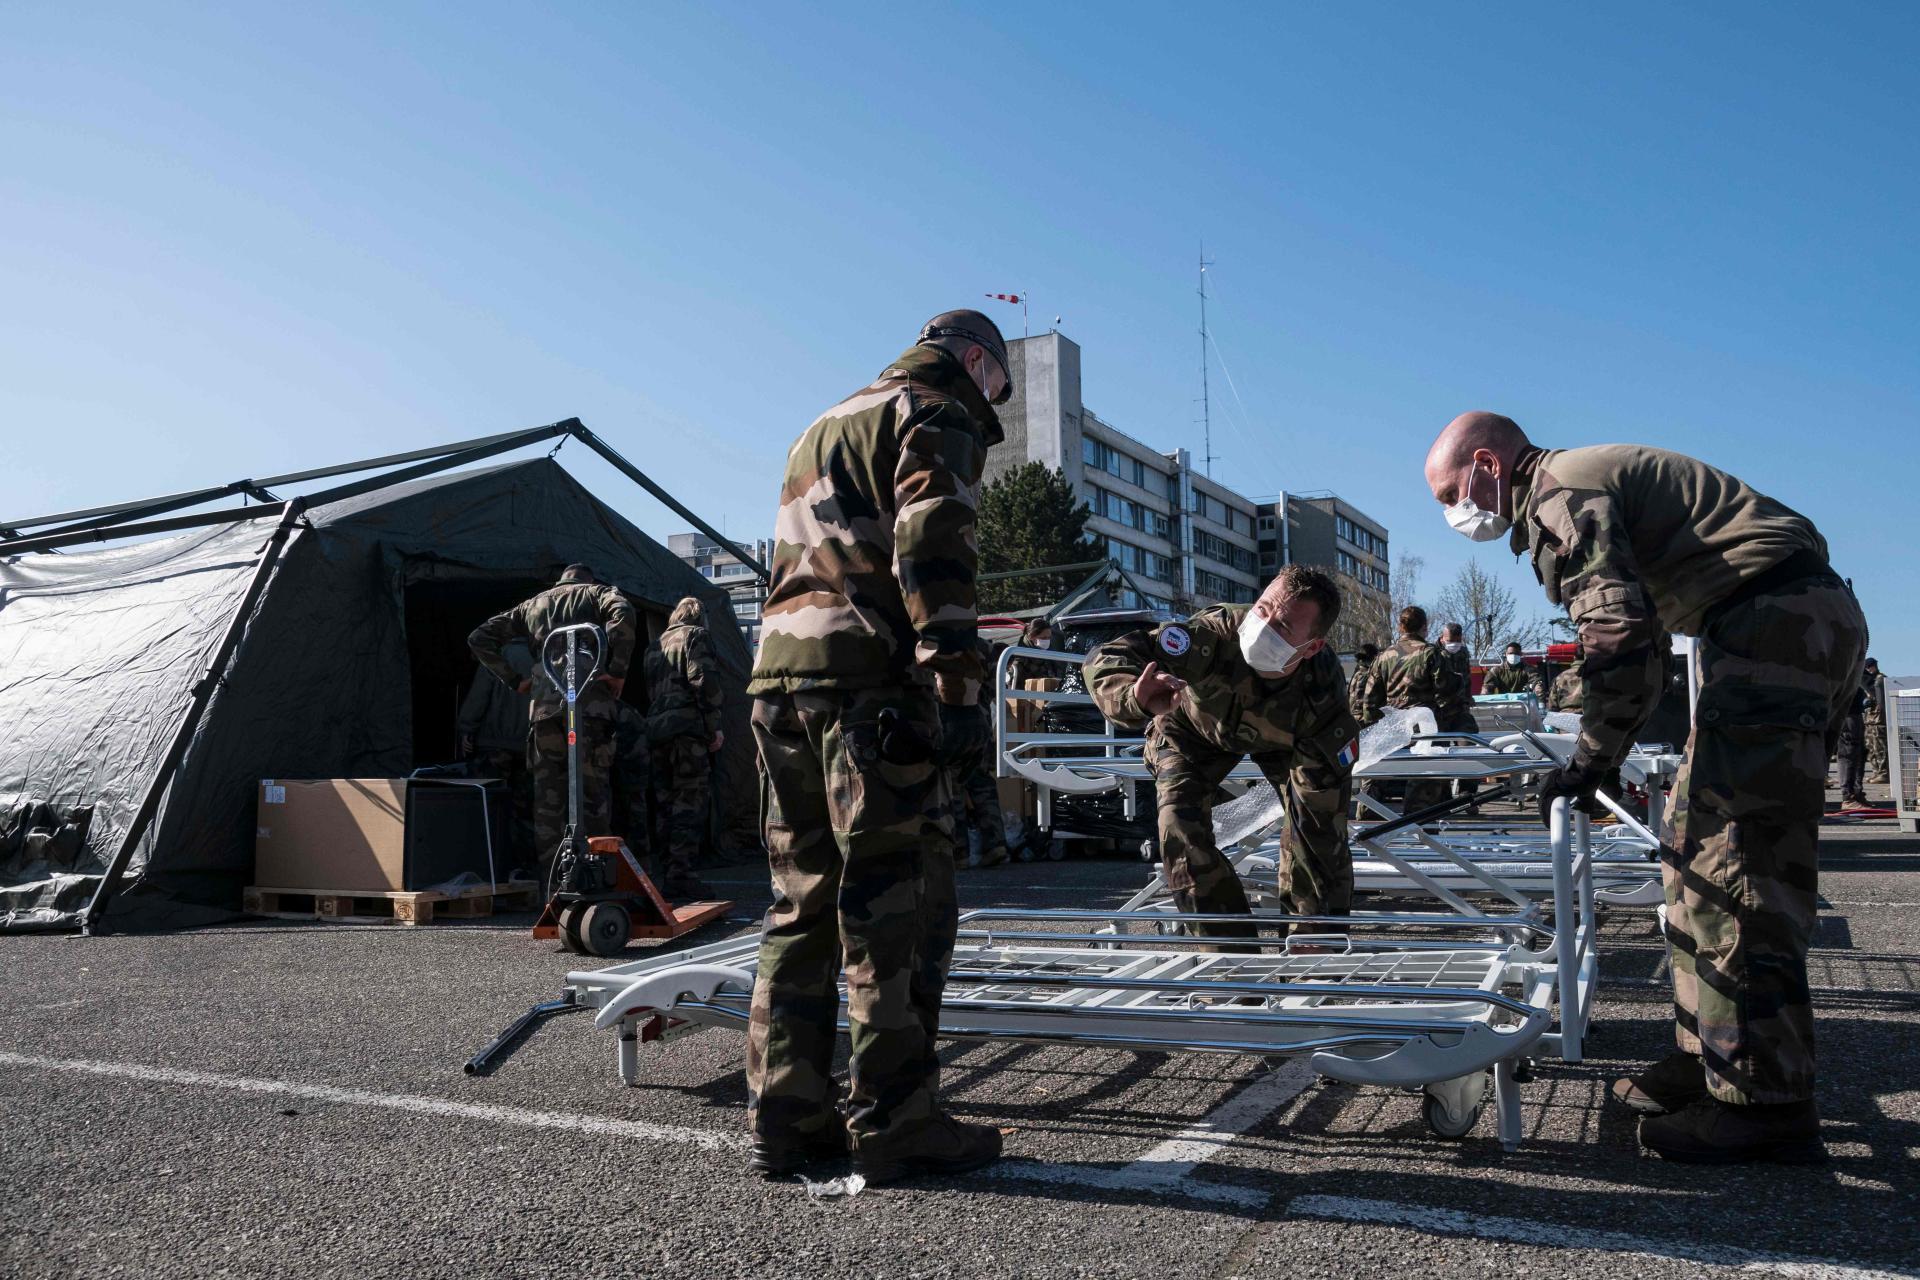 La journée de dimanche a été consacrée à l'aménagement intérieur des tentes et à l'installation du matériel médical.